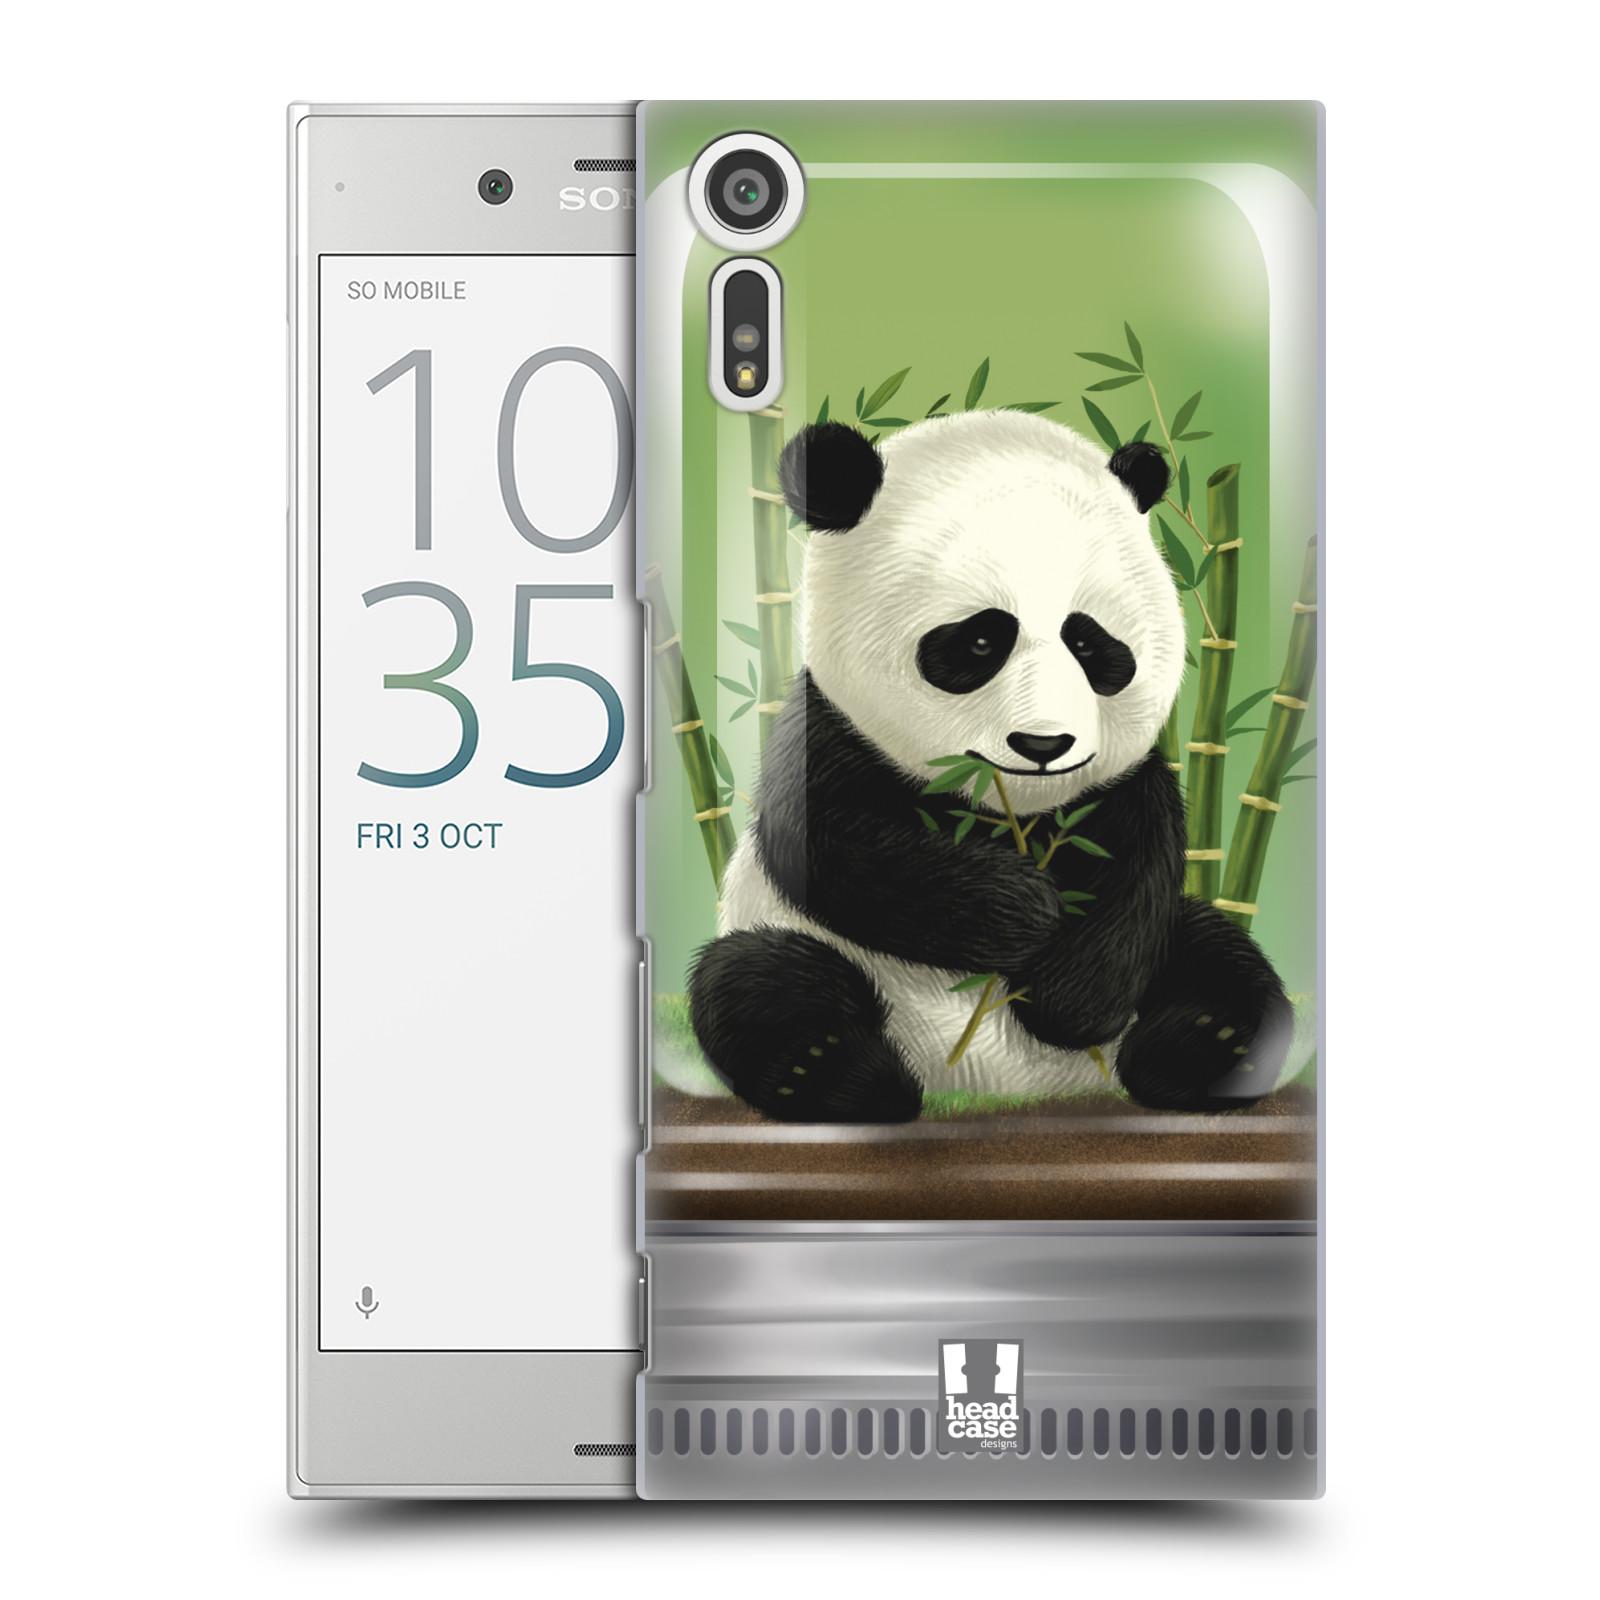 HEAD CASE plastový obal na mobil Sony Xperia XZ vzor Zvířátka v těžítku panda